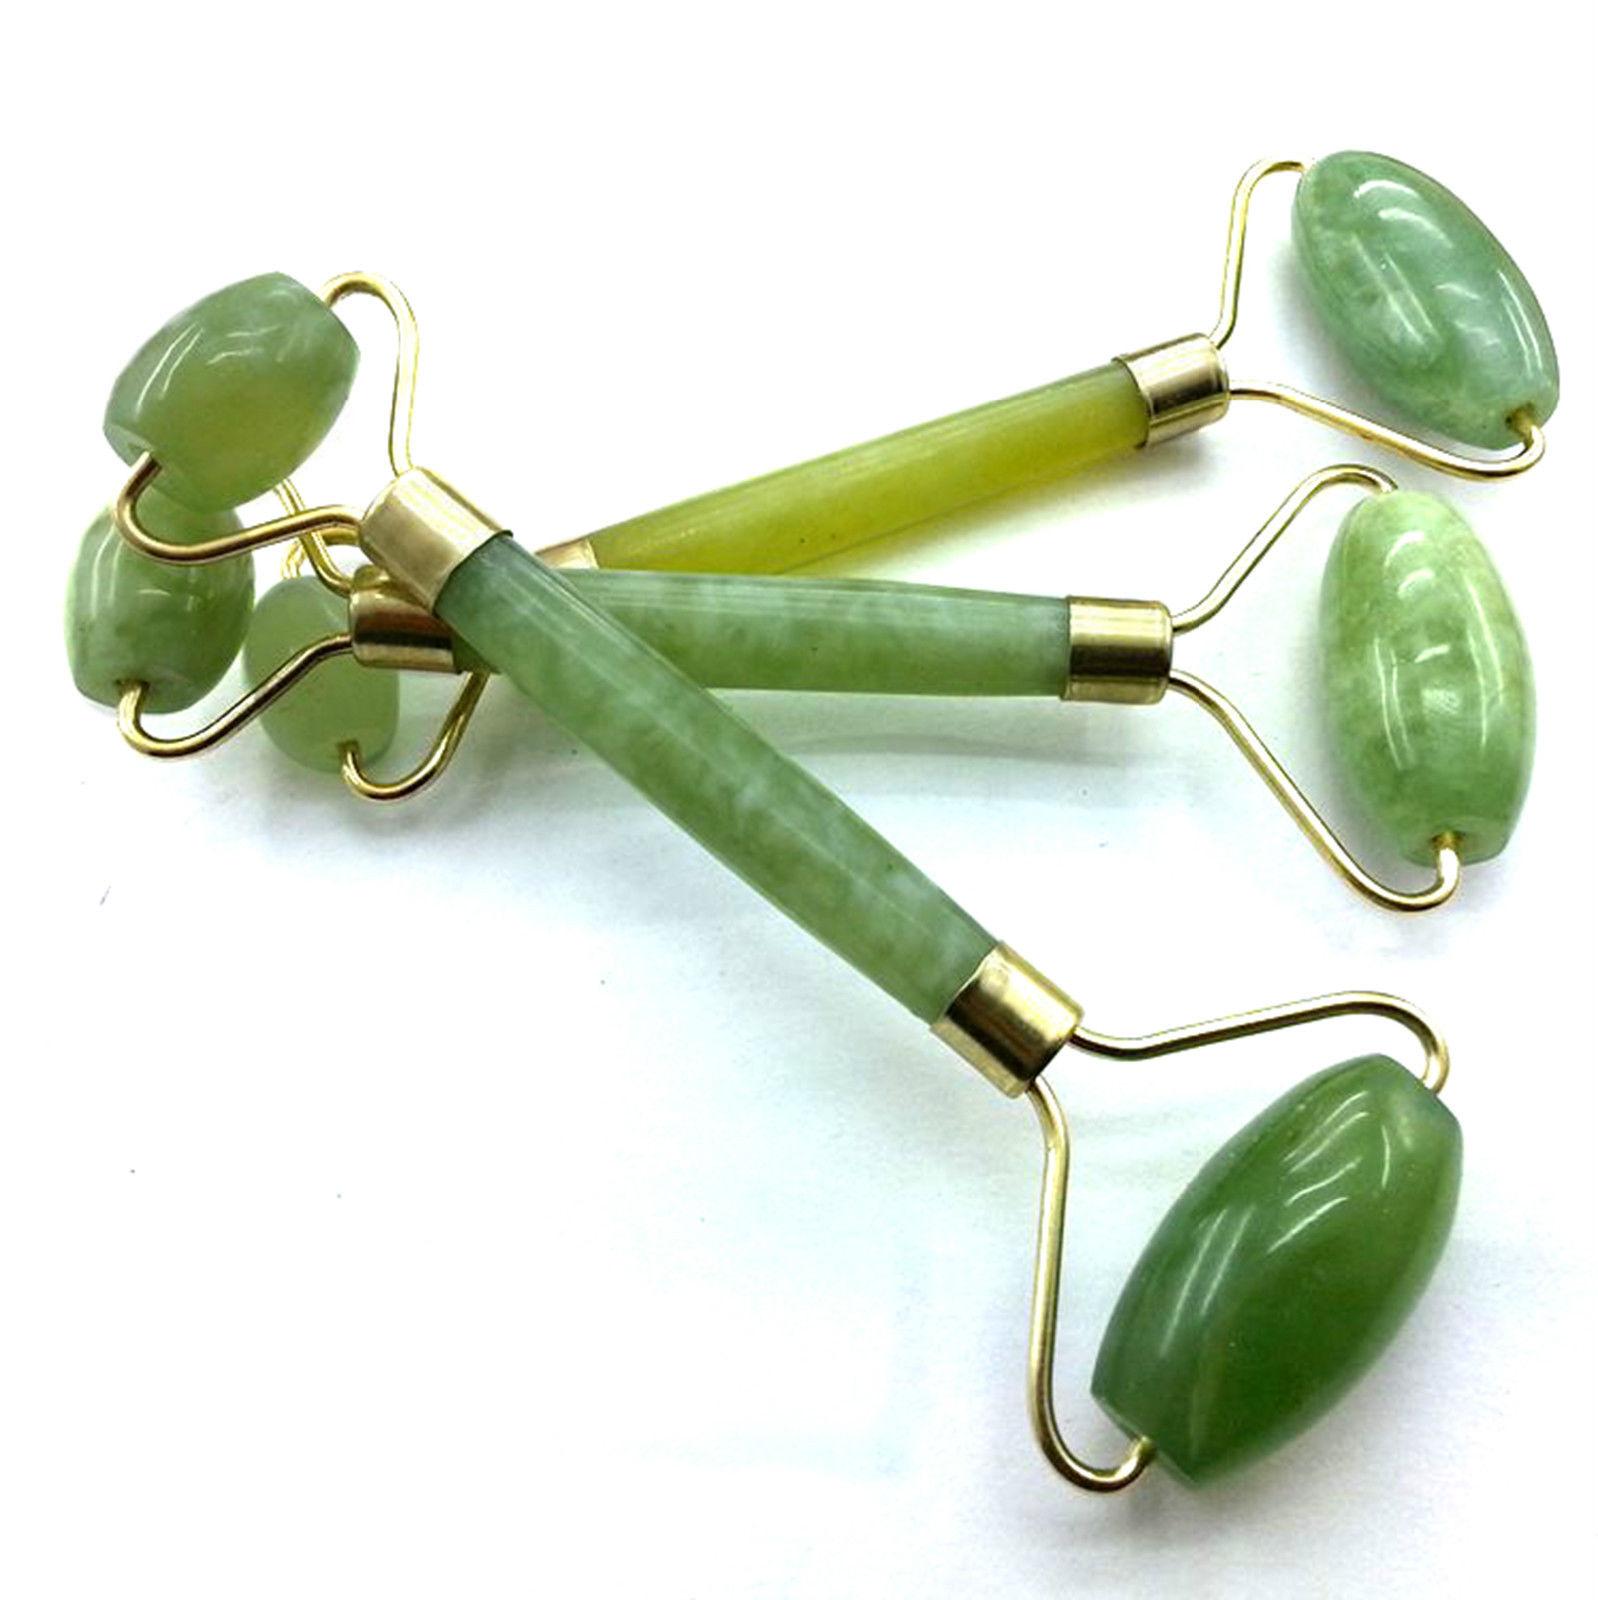 Nueva caliente port til pr ctico rodillo de jade masaje - Rodillo para lacar ...